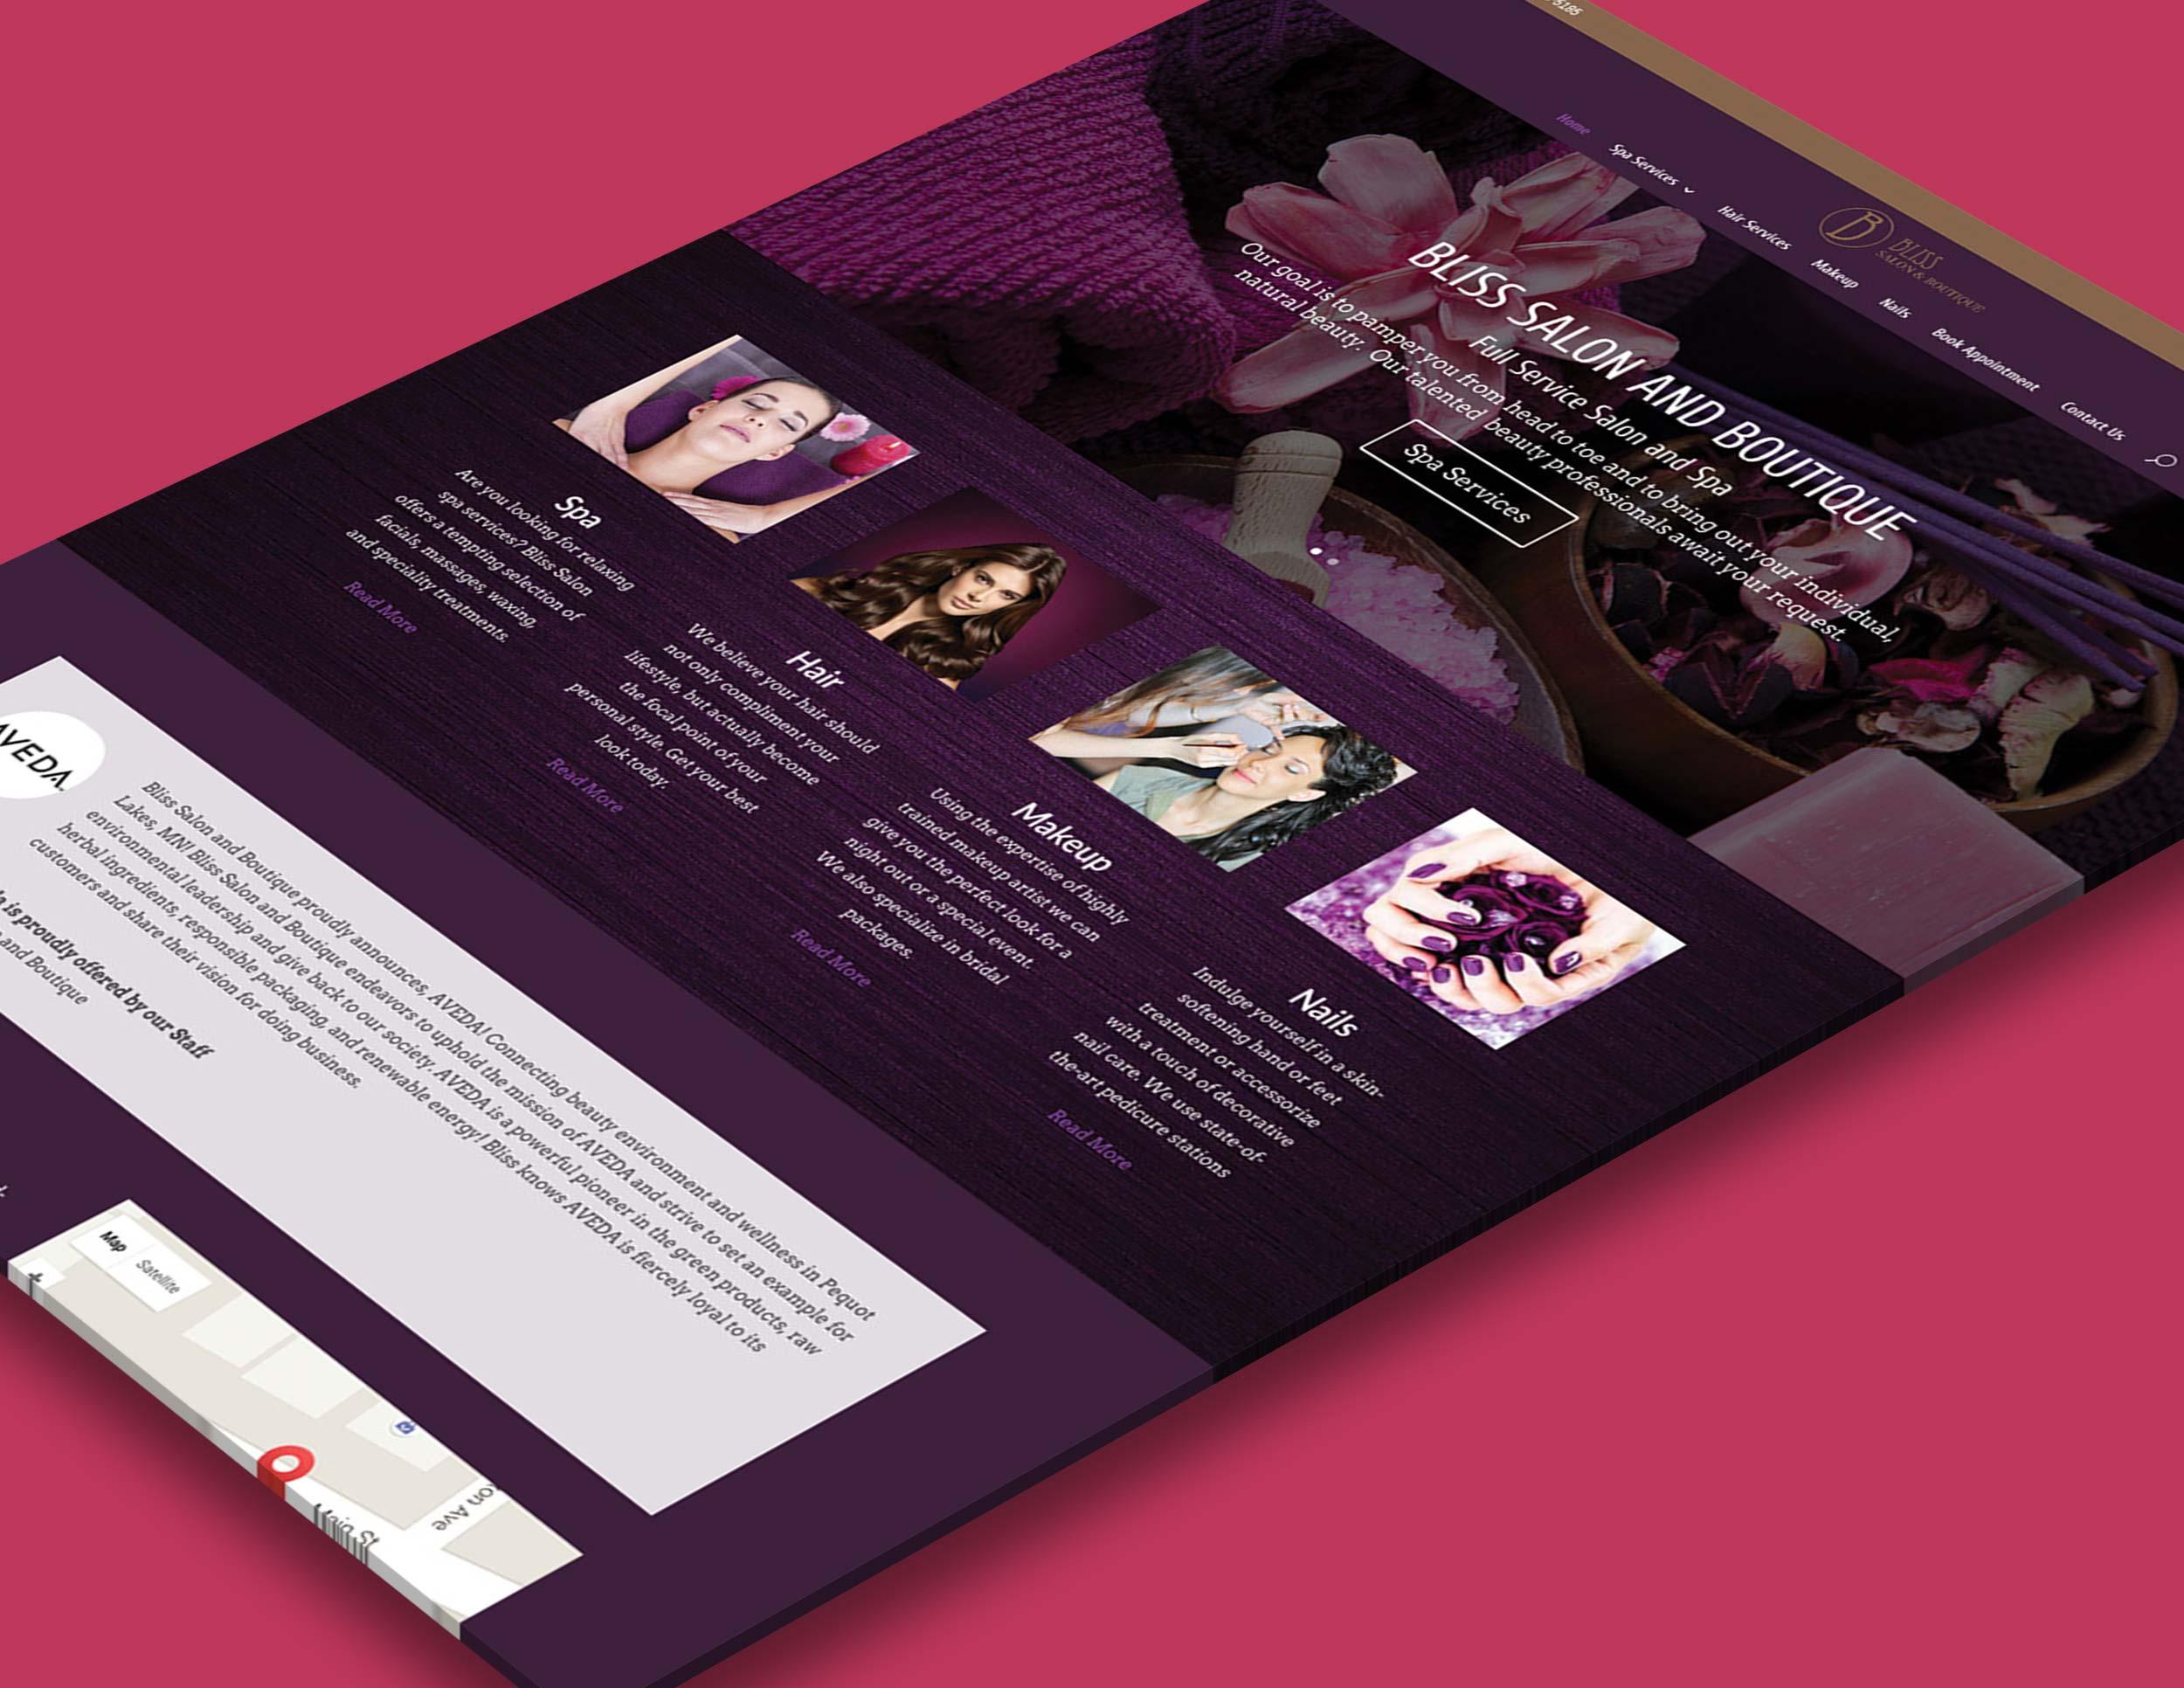 Bliss Salon and Boutique - Salon Website